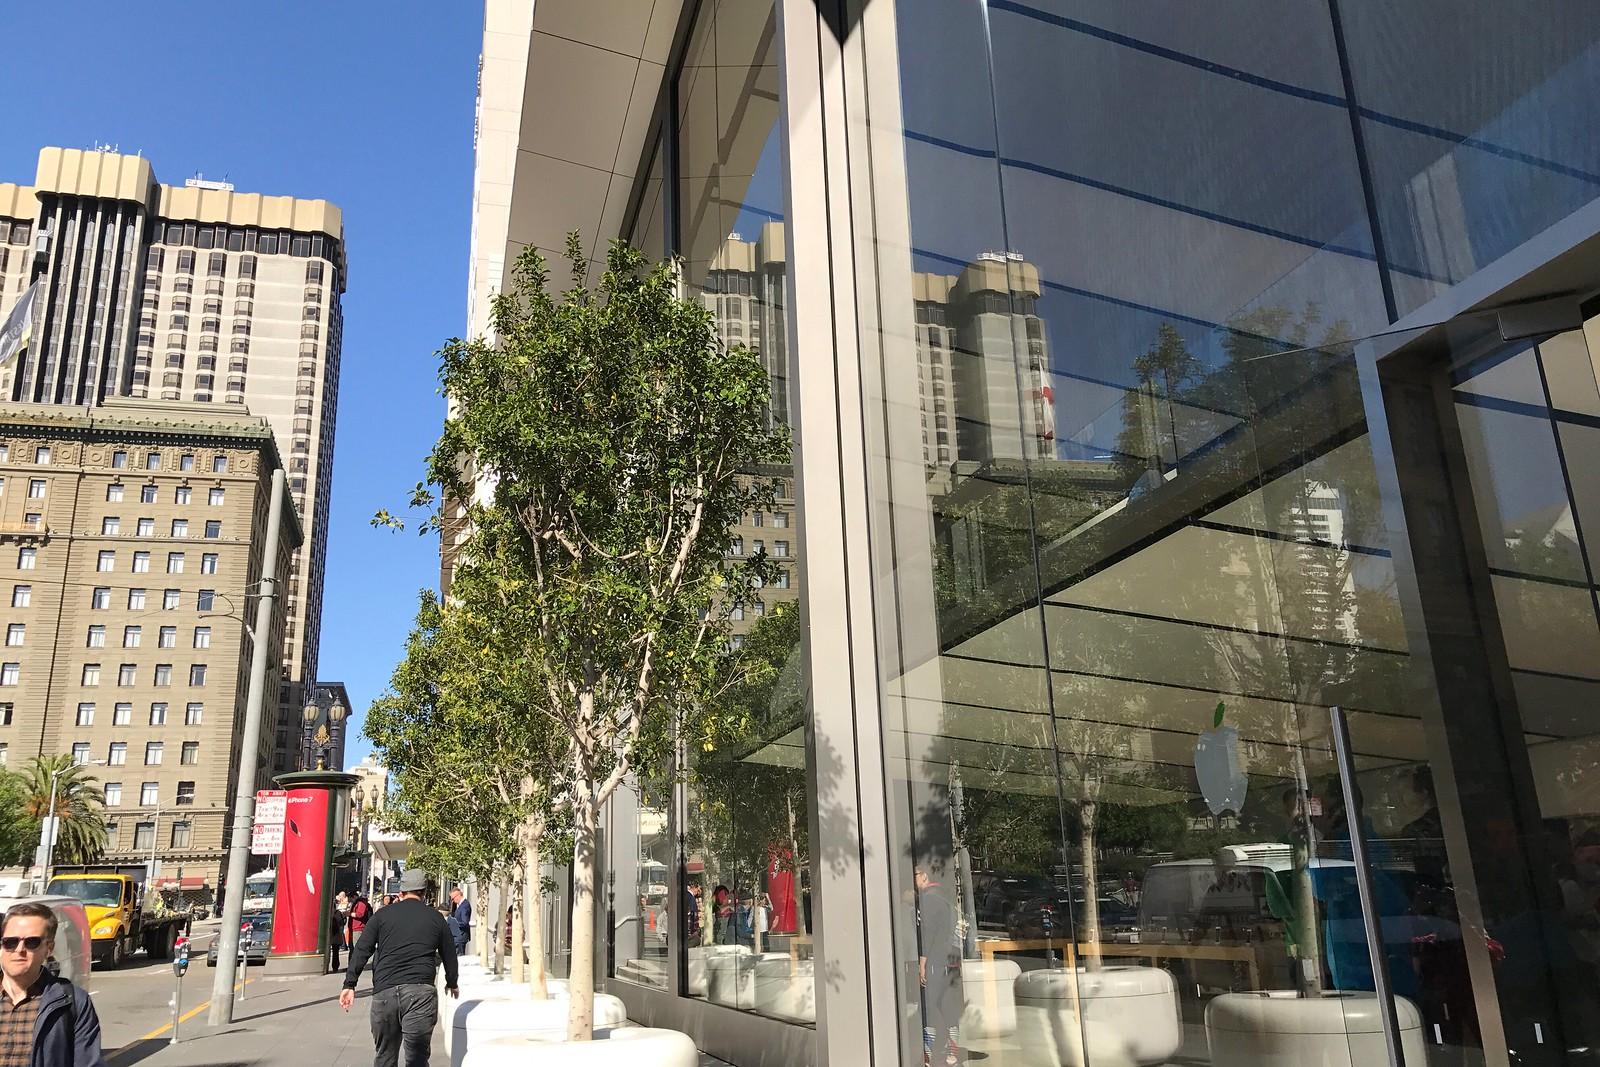 Apple Union Square in San Francisco -2017